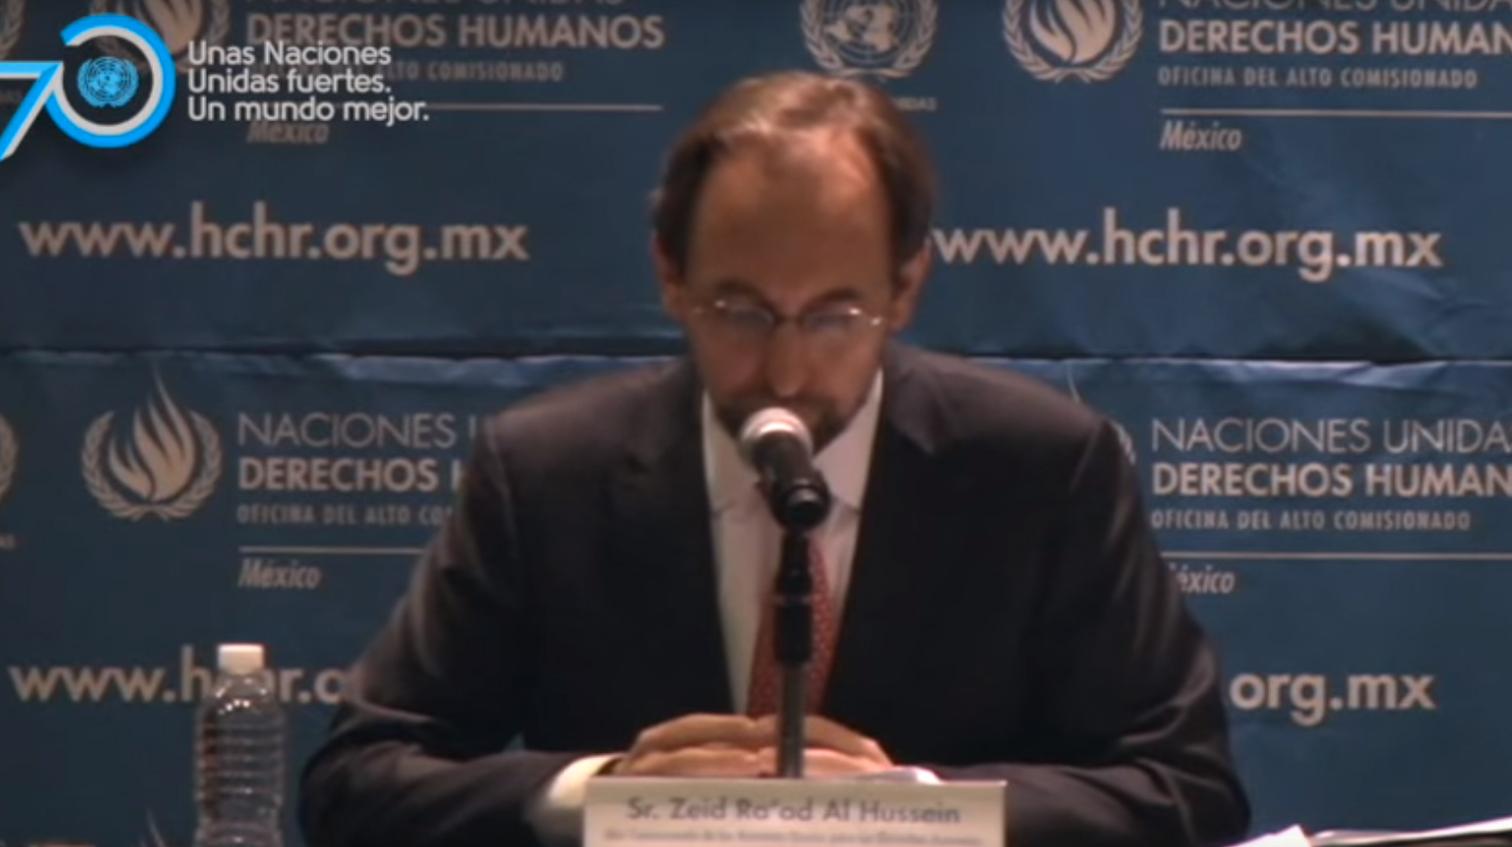 México y los Derechos Humanos: entre la simulación y la autocomplacencia